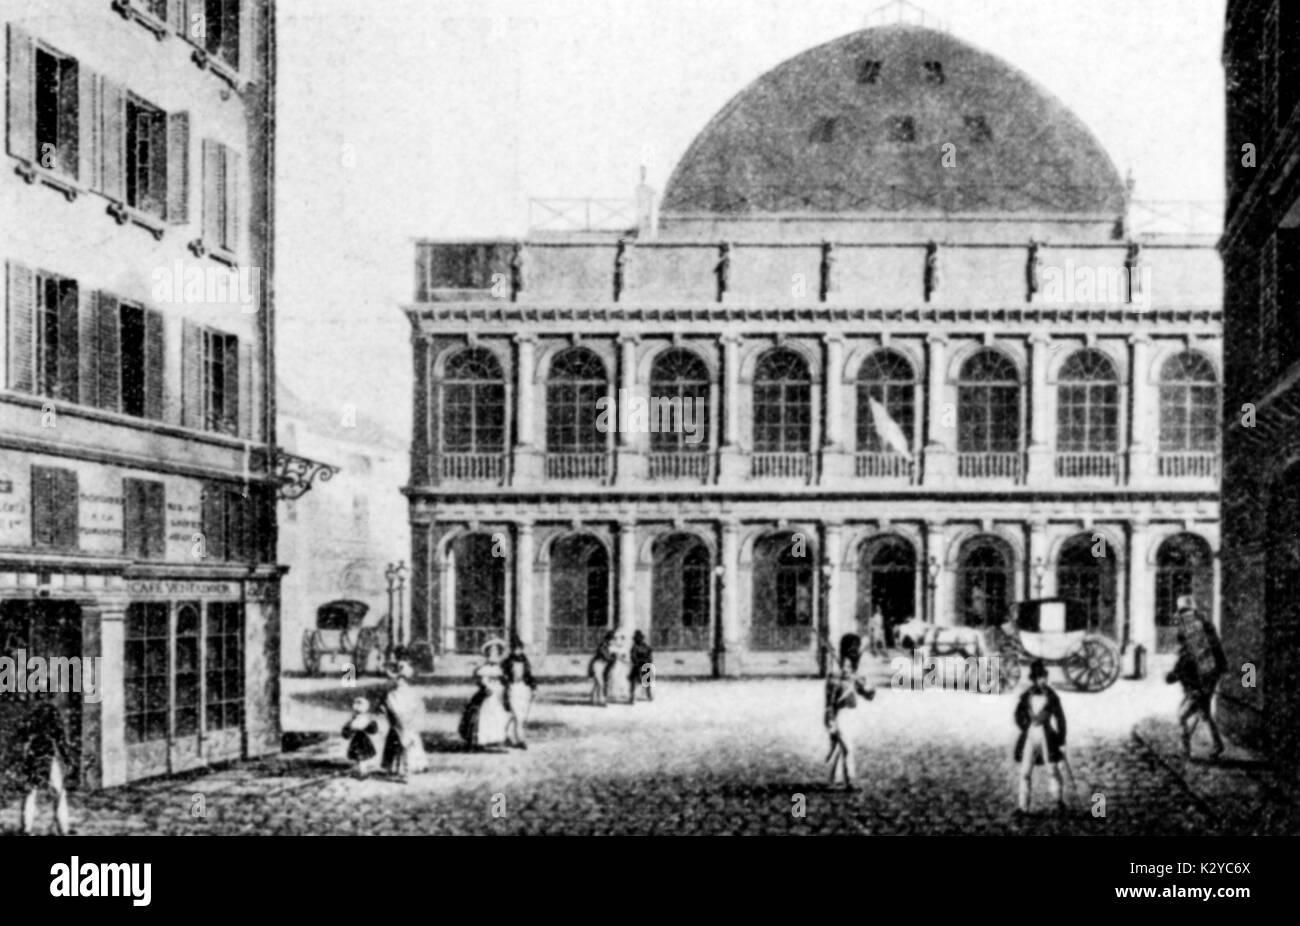 https www alamyimages fr paris theatre a l italienne salle ventadour c 1830s image156724930 html